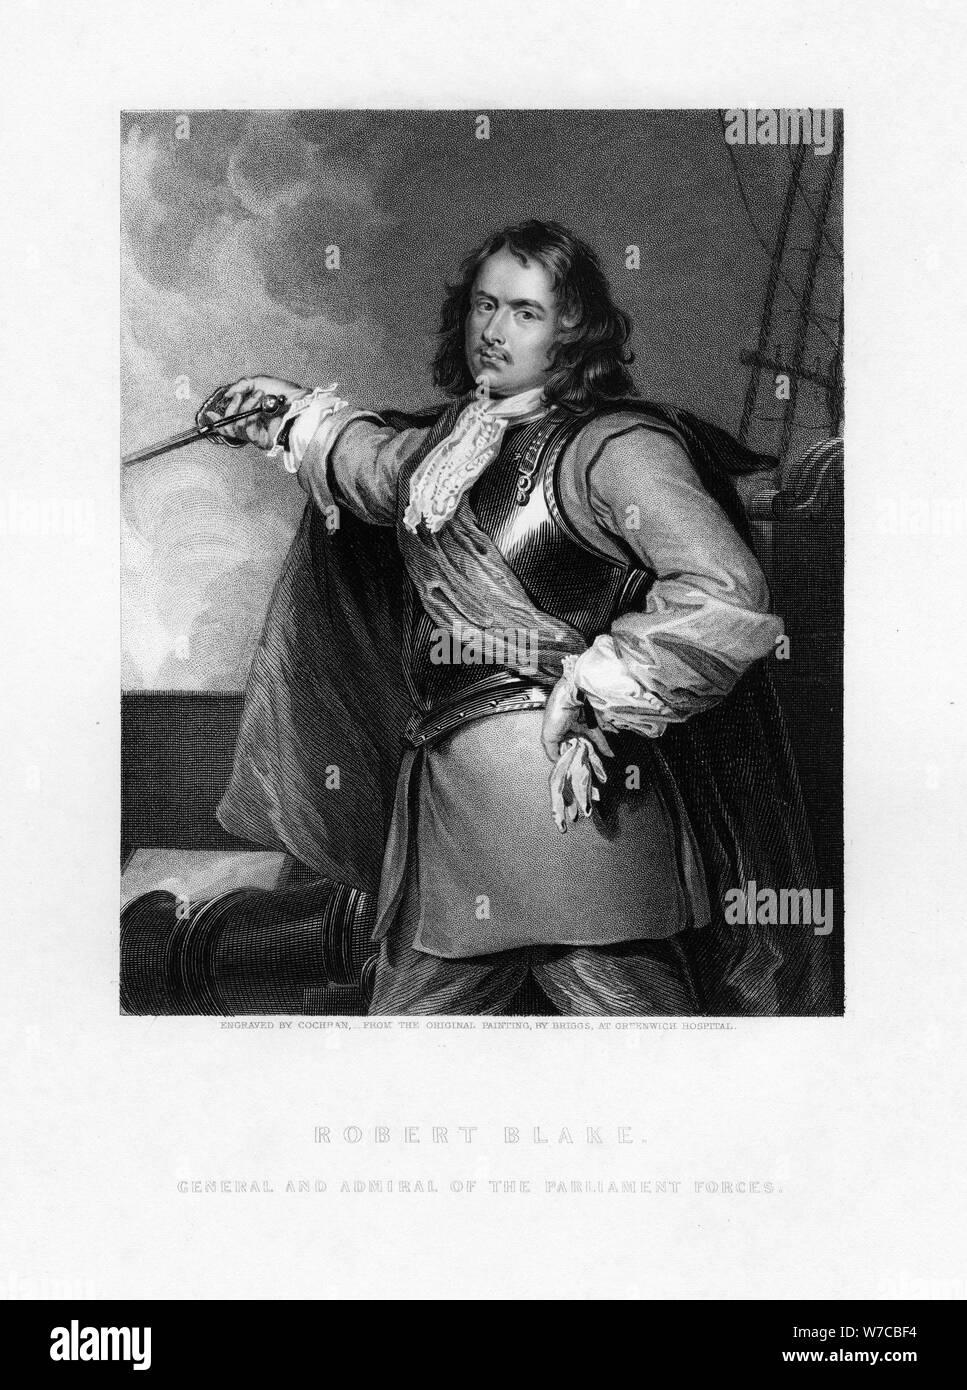 Robert Blake, englischer Admiral, (1836). Artist: Cochran Stockfoto